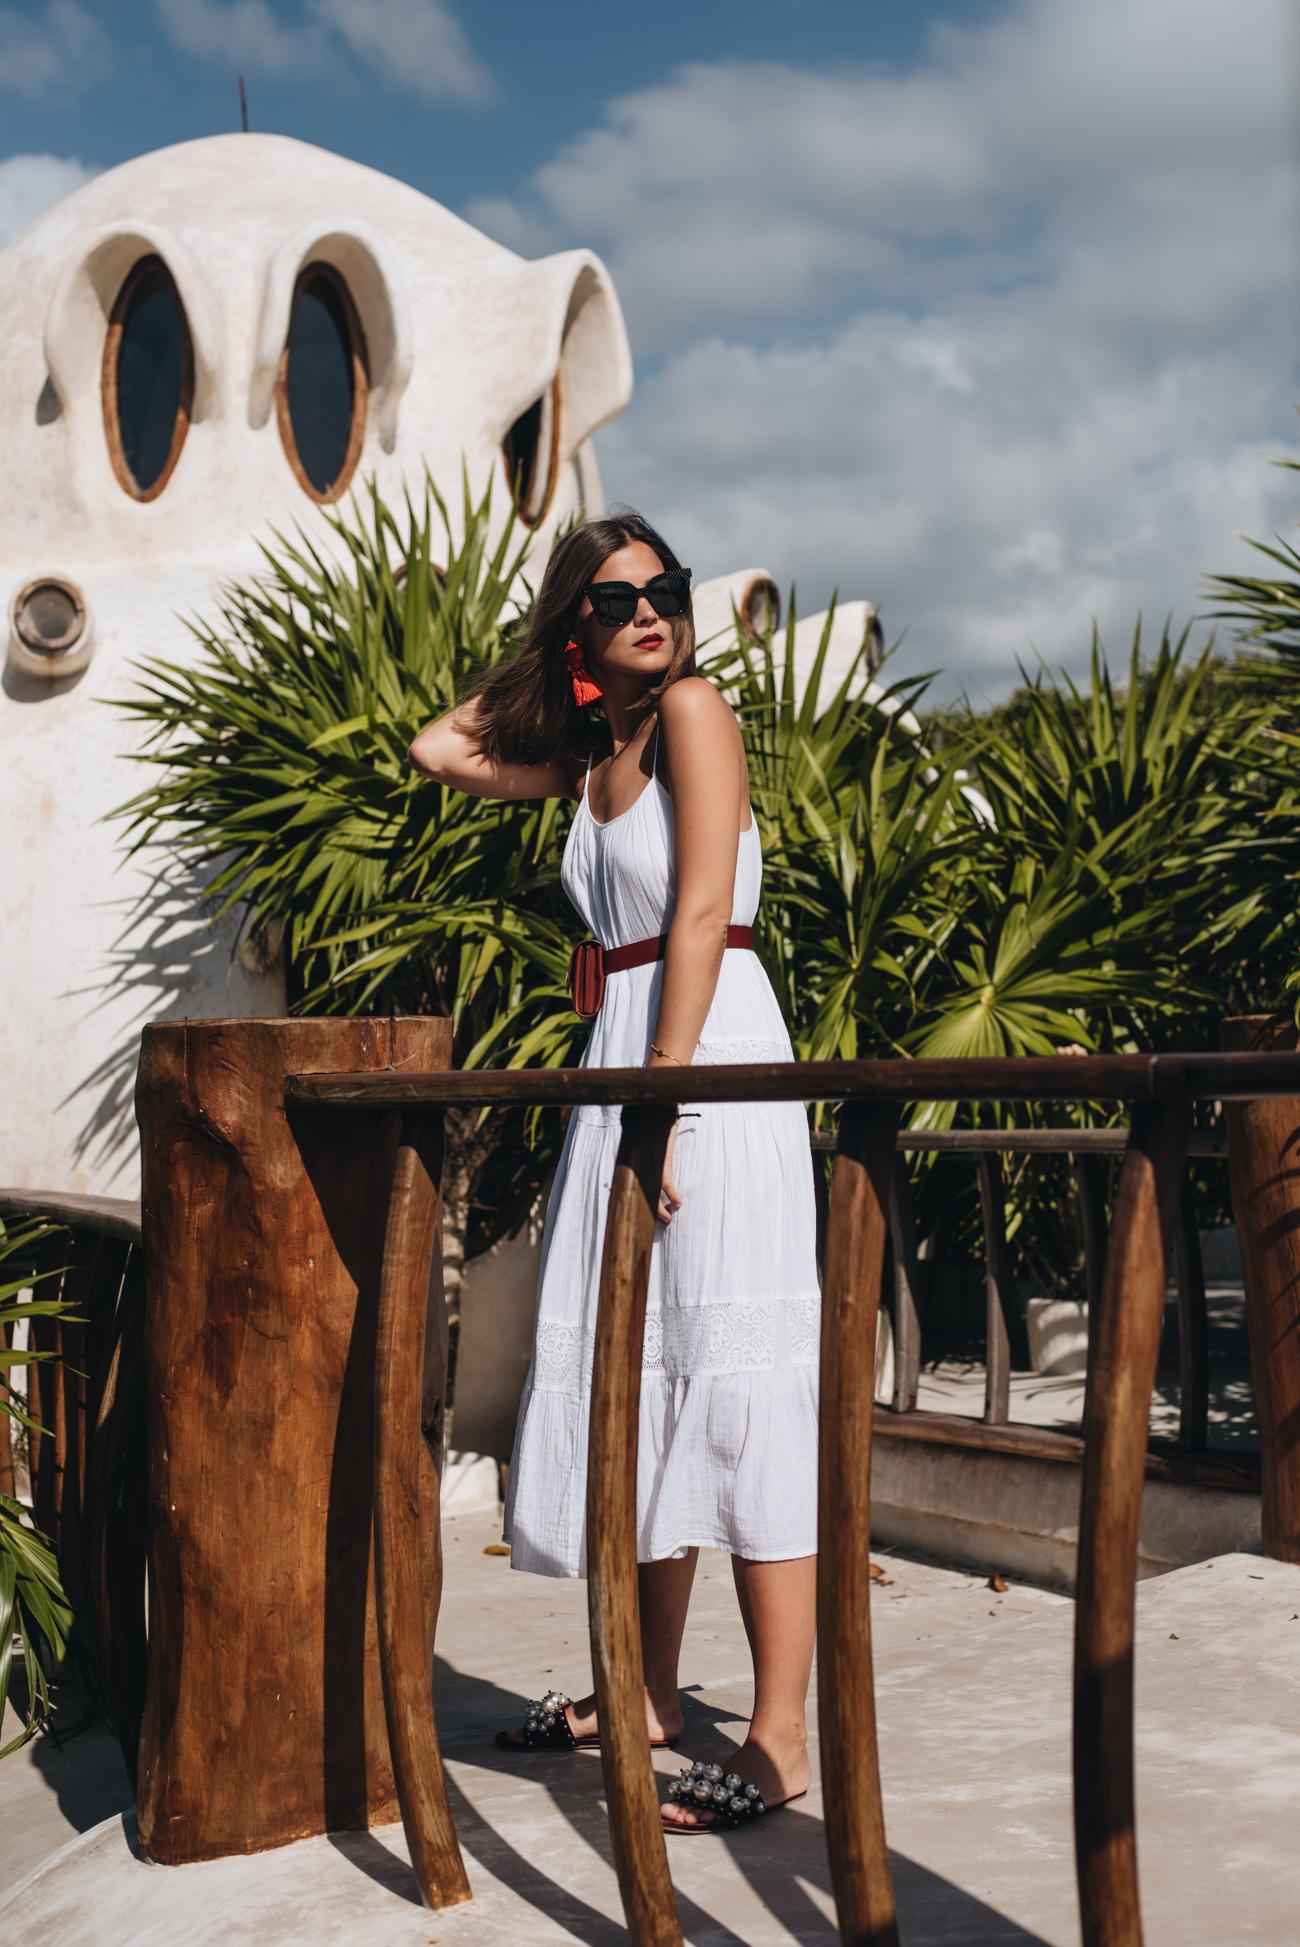 Fashion-Editorial-blogger-Foto-Shooting-Tulum-dschungel-baumhaus-Outdoor-location-nina-schwichtenberg-fashiioncarpet